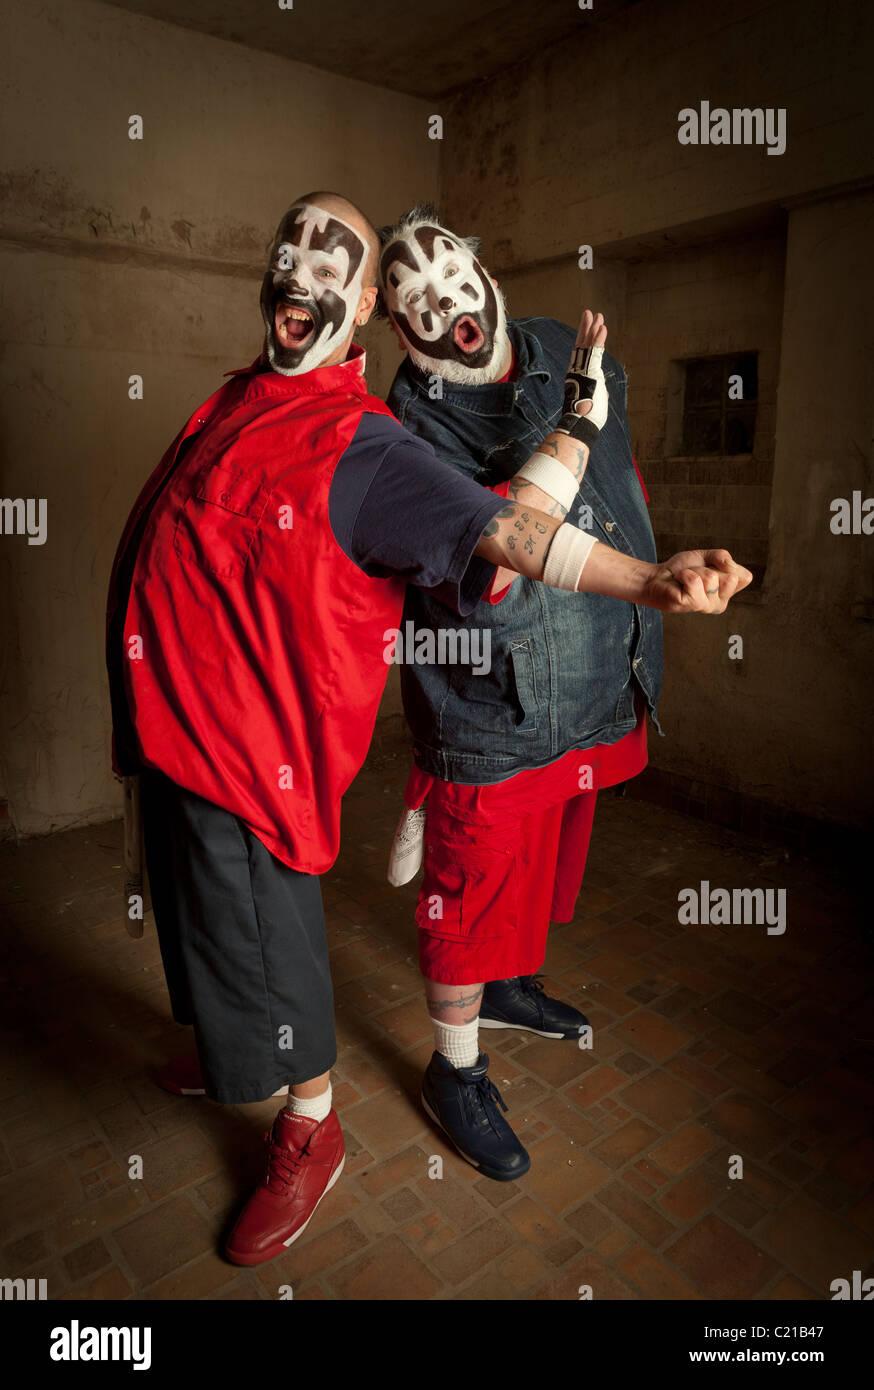 J violenti e Shaggy 2 Dope di Insane Clown Posse posano per le foto prima di un concerto a Milwaukee nel Wisconsin. Immagini Stock